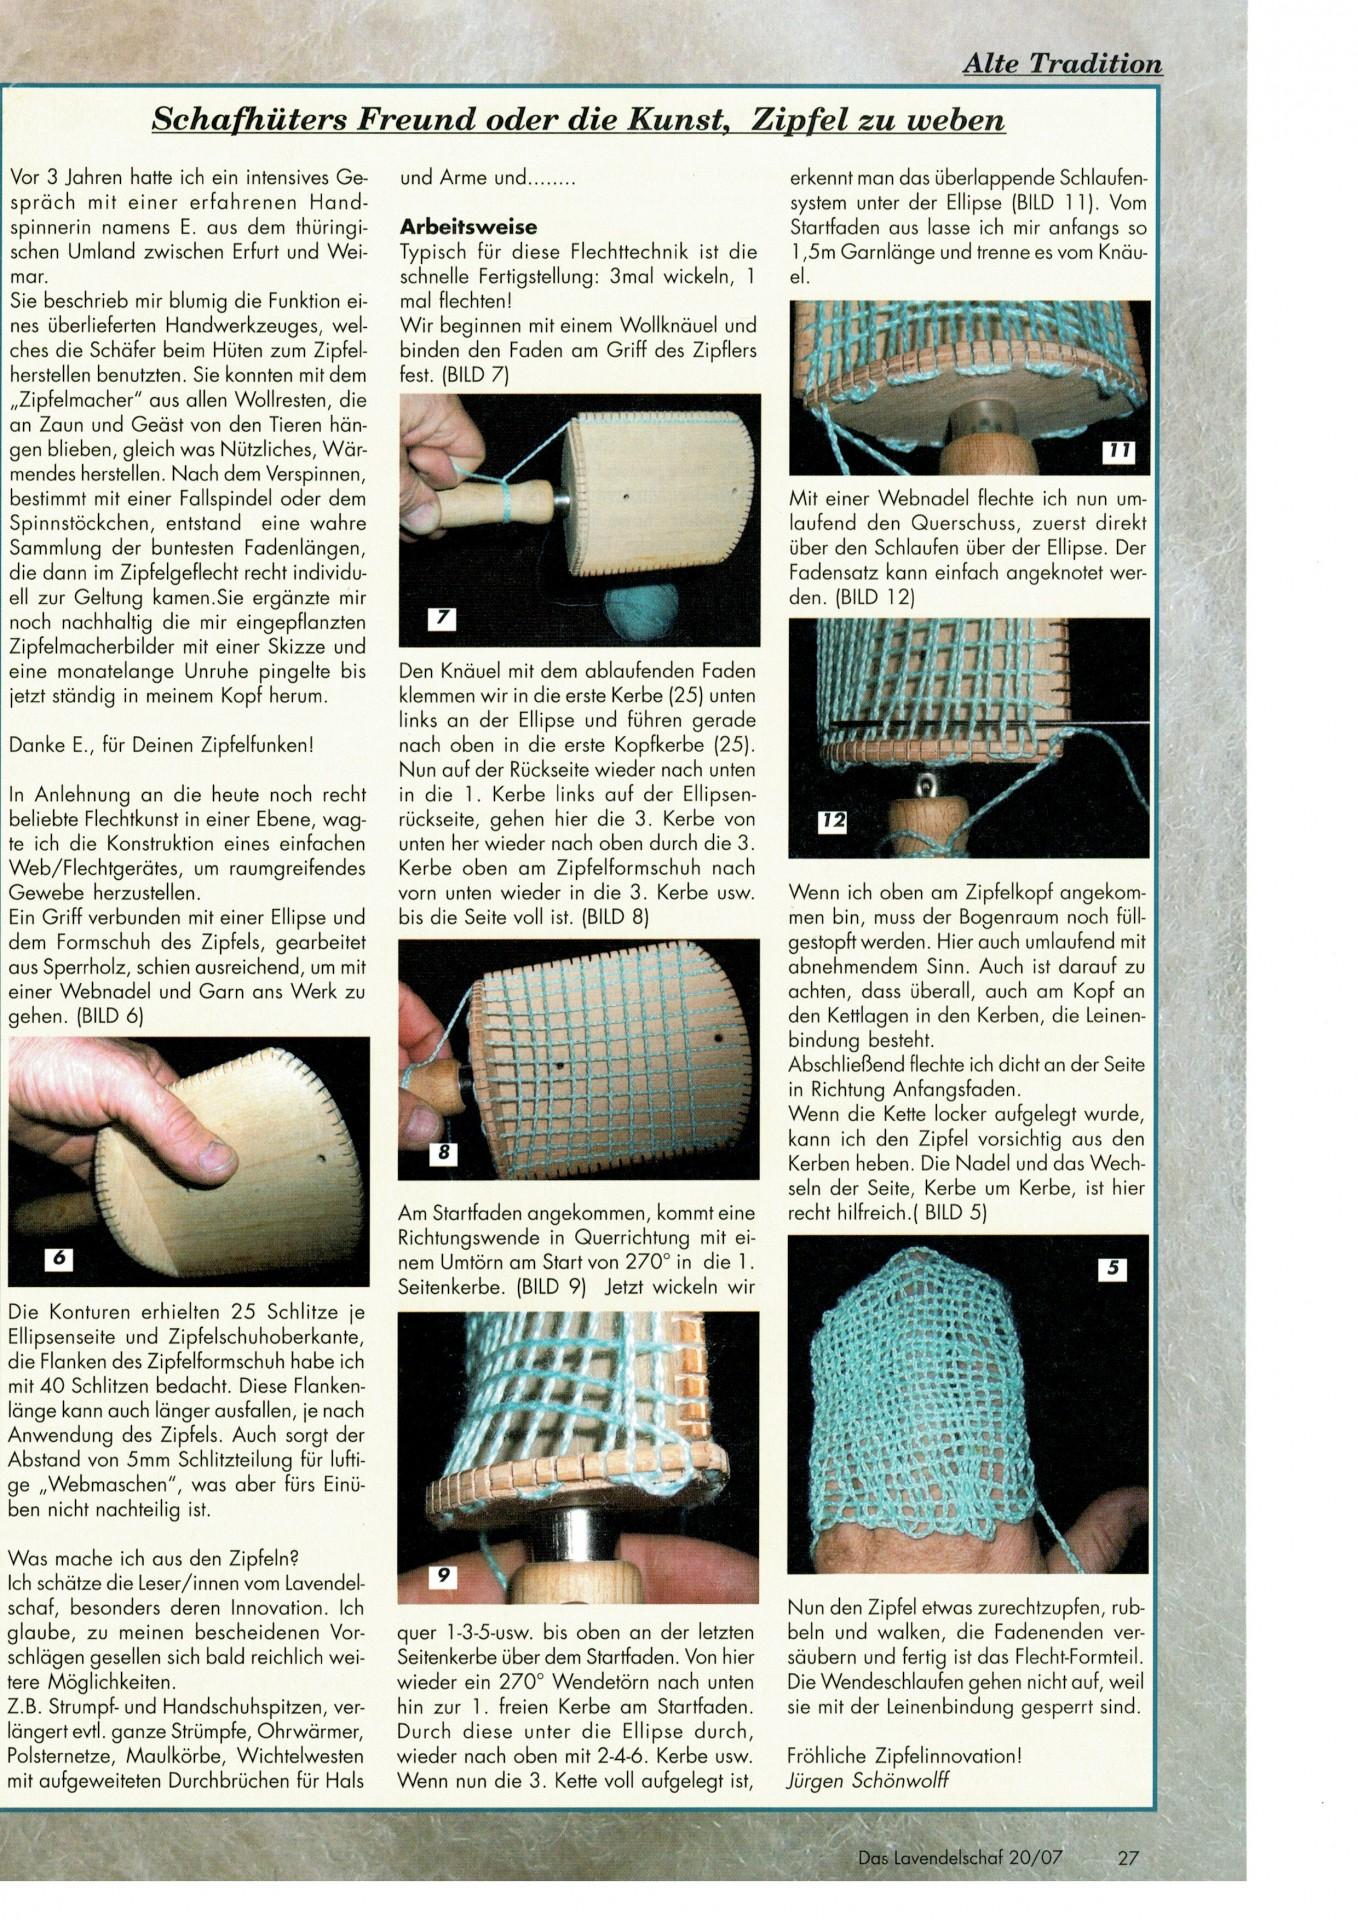 Beitrag aus dem Lavendelschaf Nr. 20 aus dem Jahr 2007